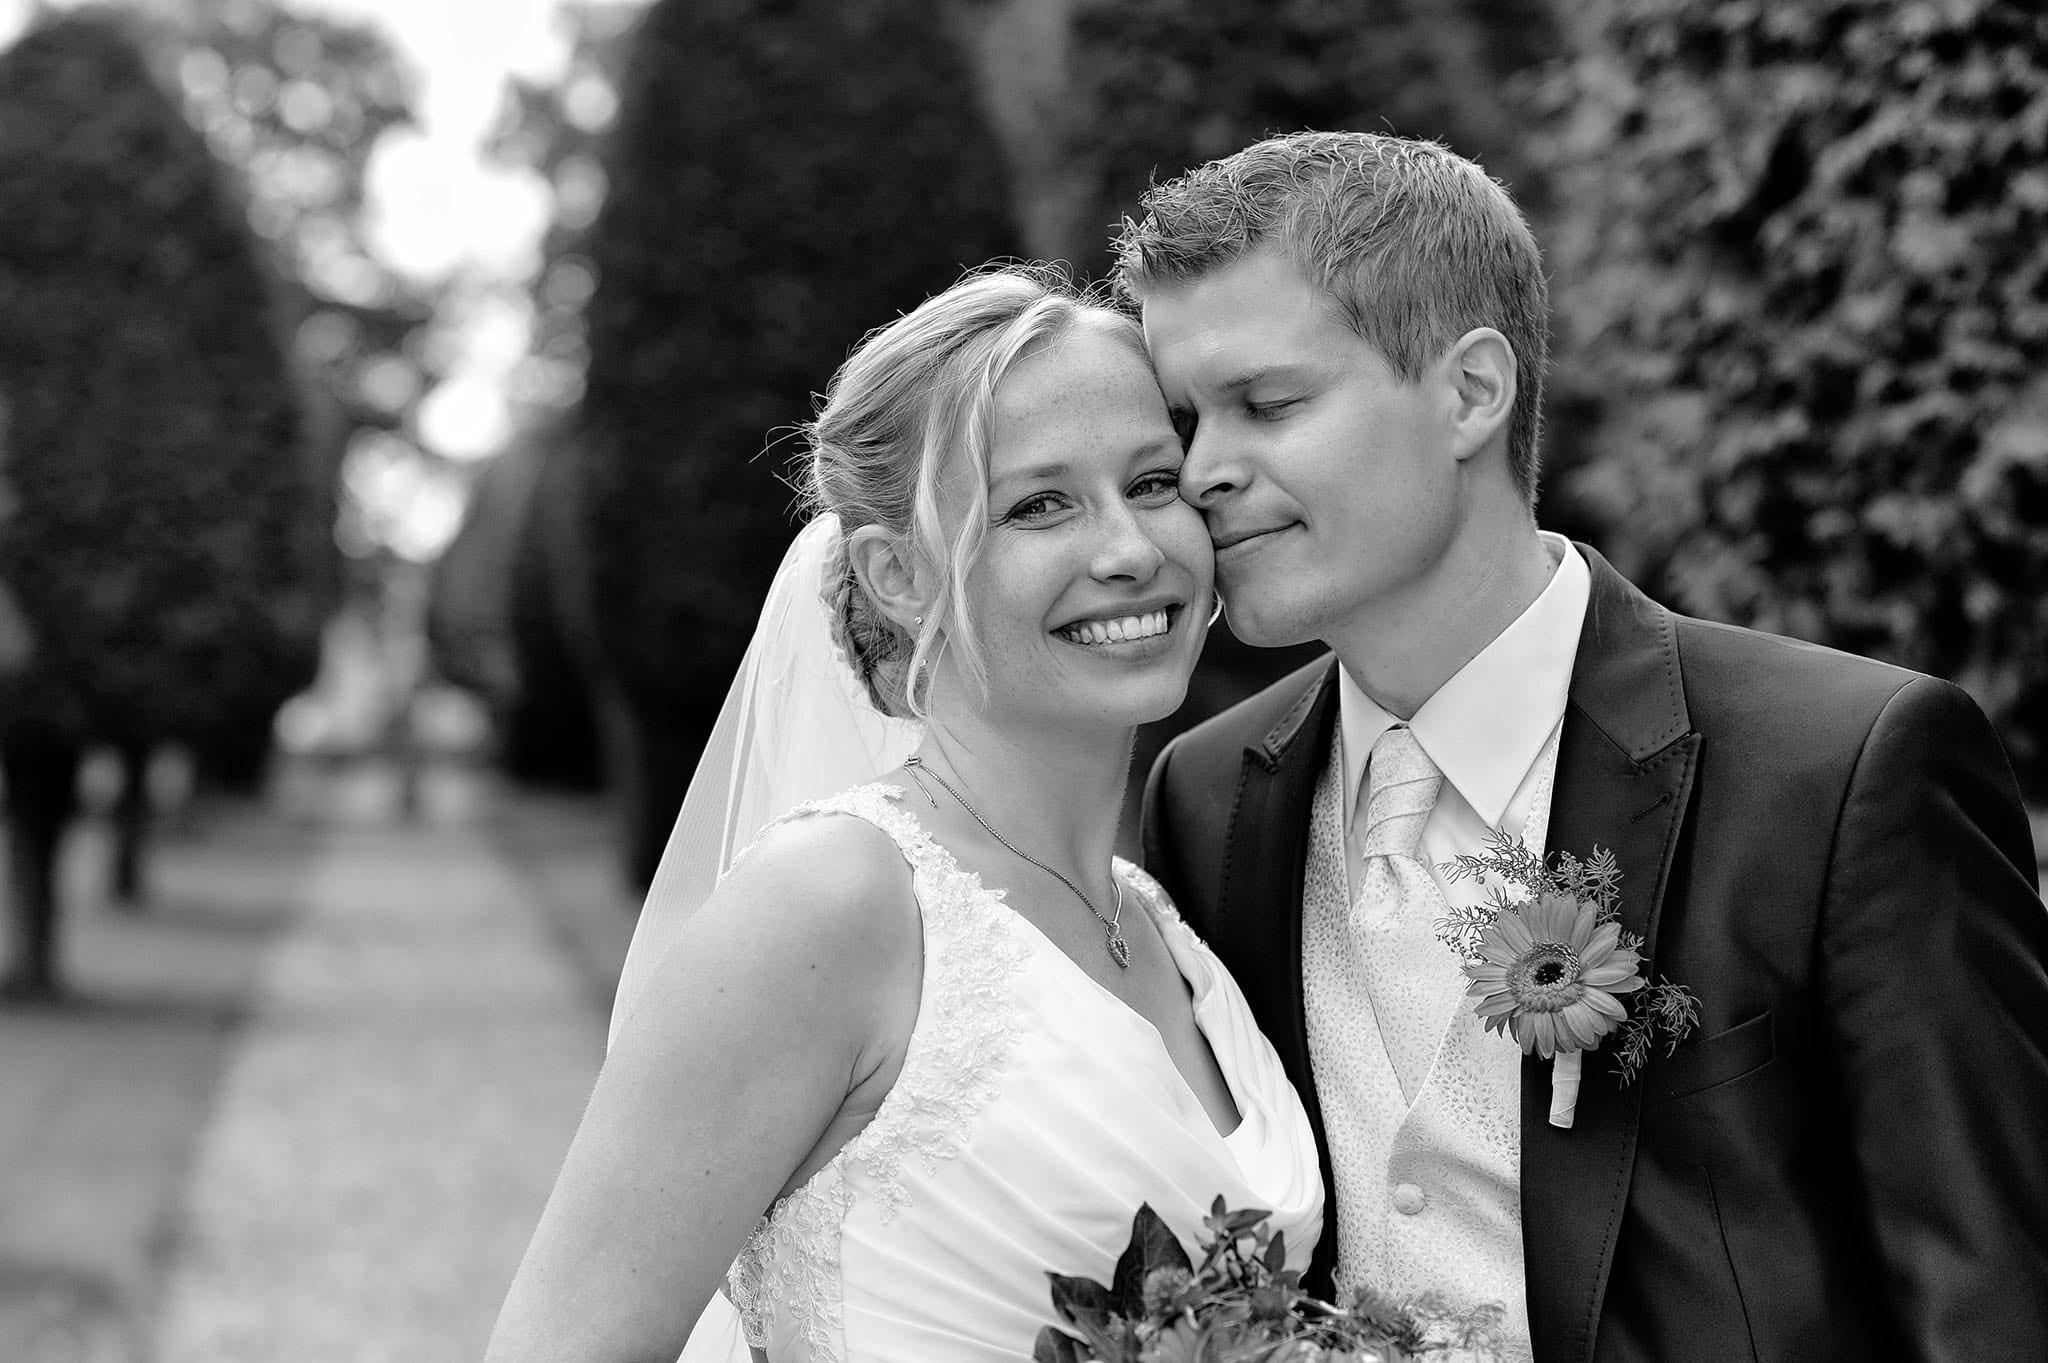 Hochzeit 030 Brautpaar Braut Bräutigam Hochzeit heiraten Park Brautstrauß Hochzeitsfoto Hochzeitsfotografie Daniel Fuss Fotografie